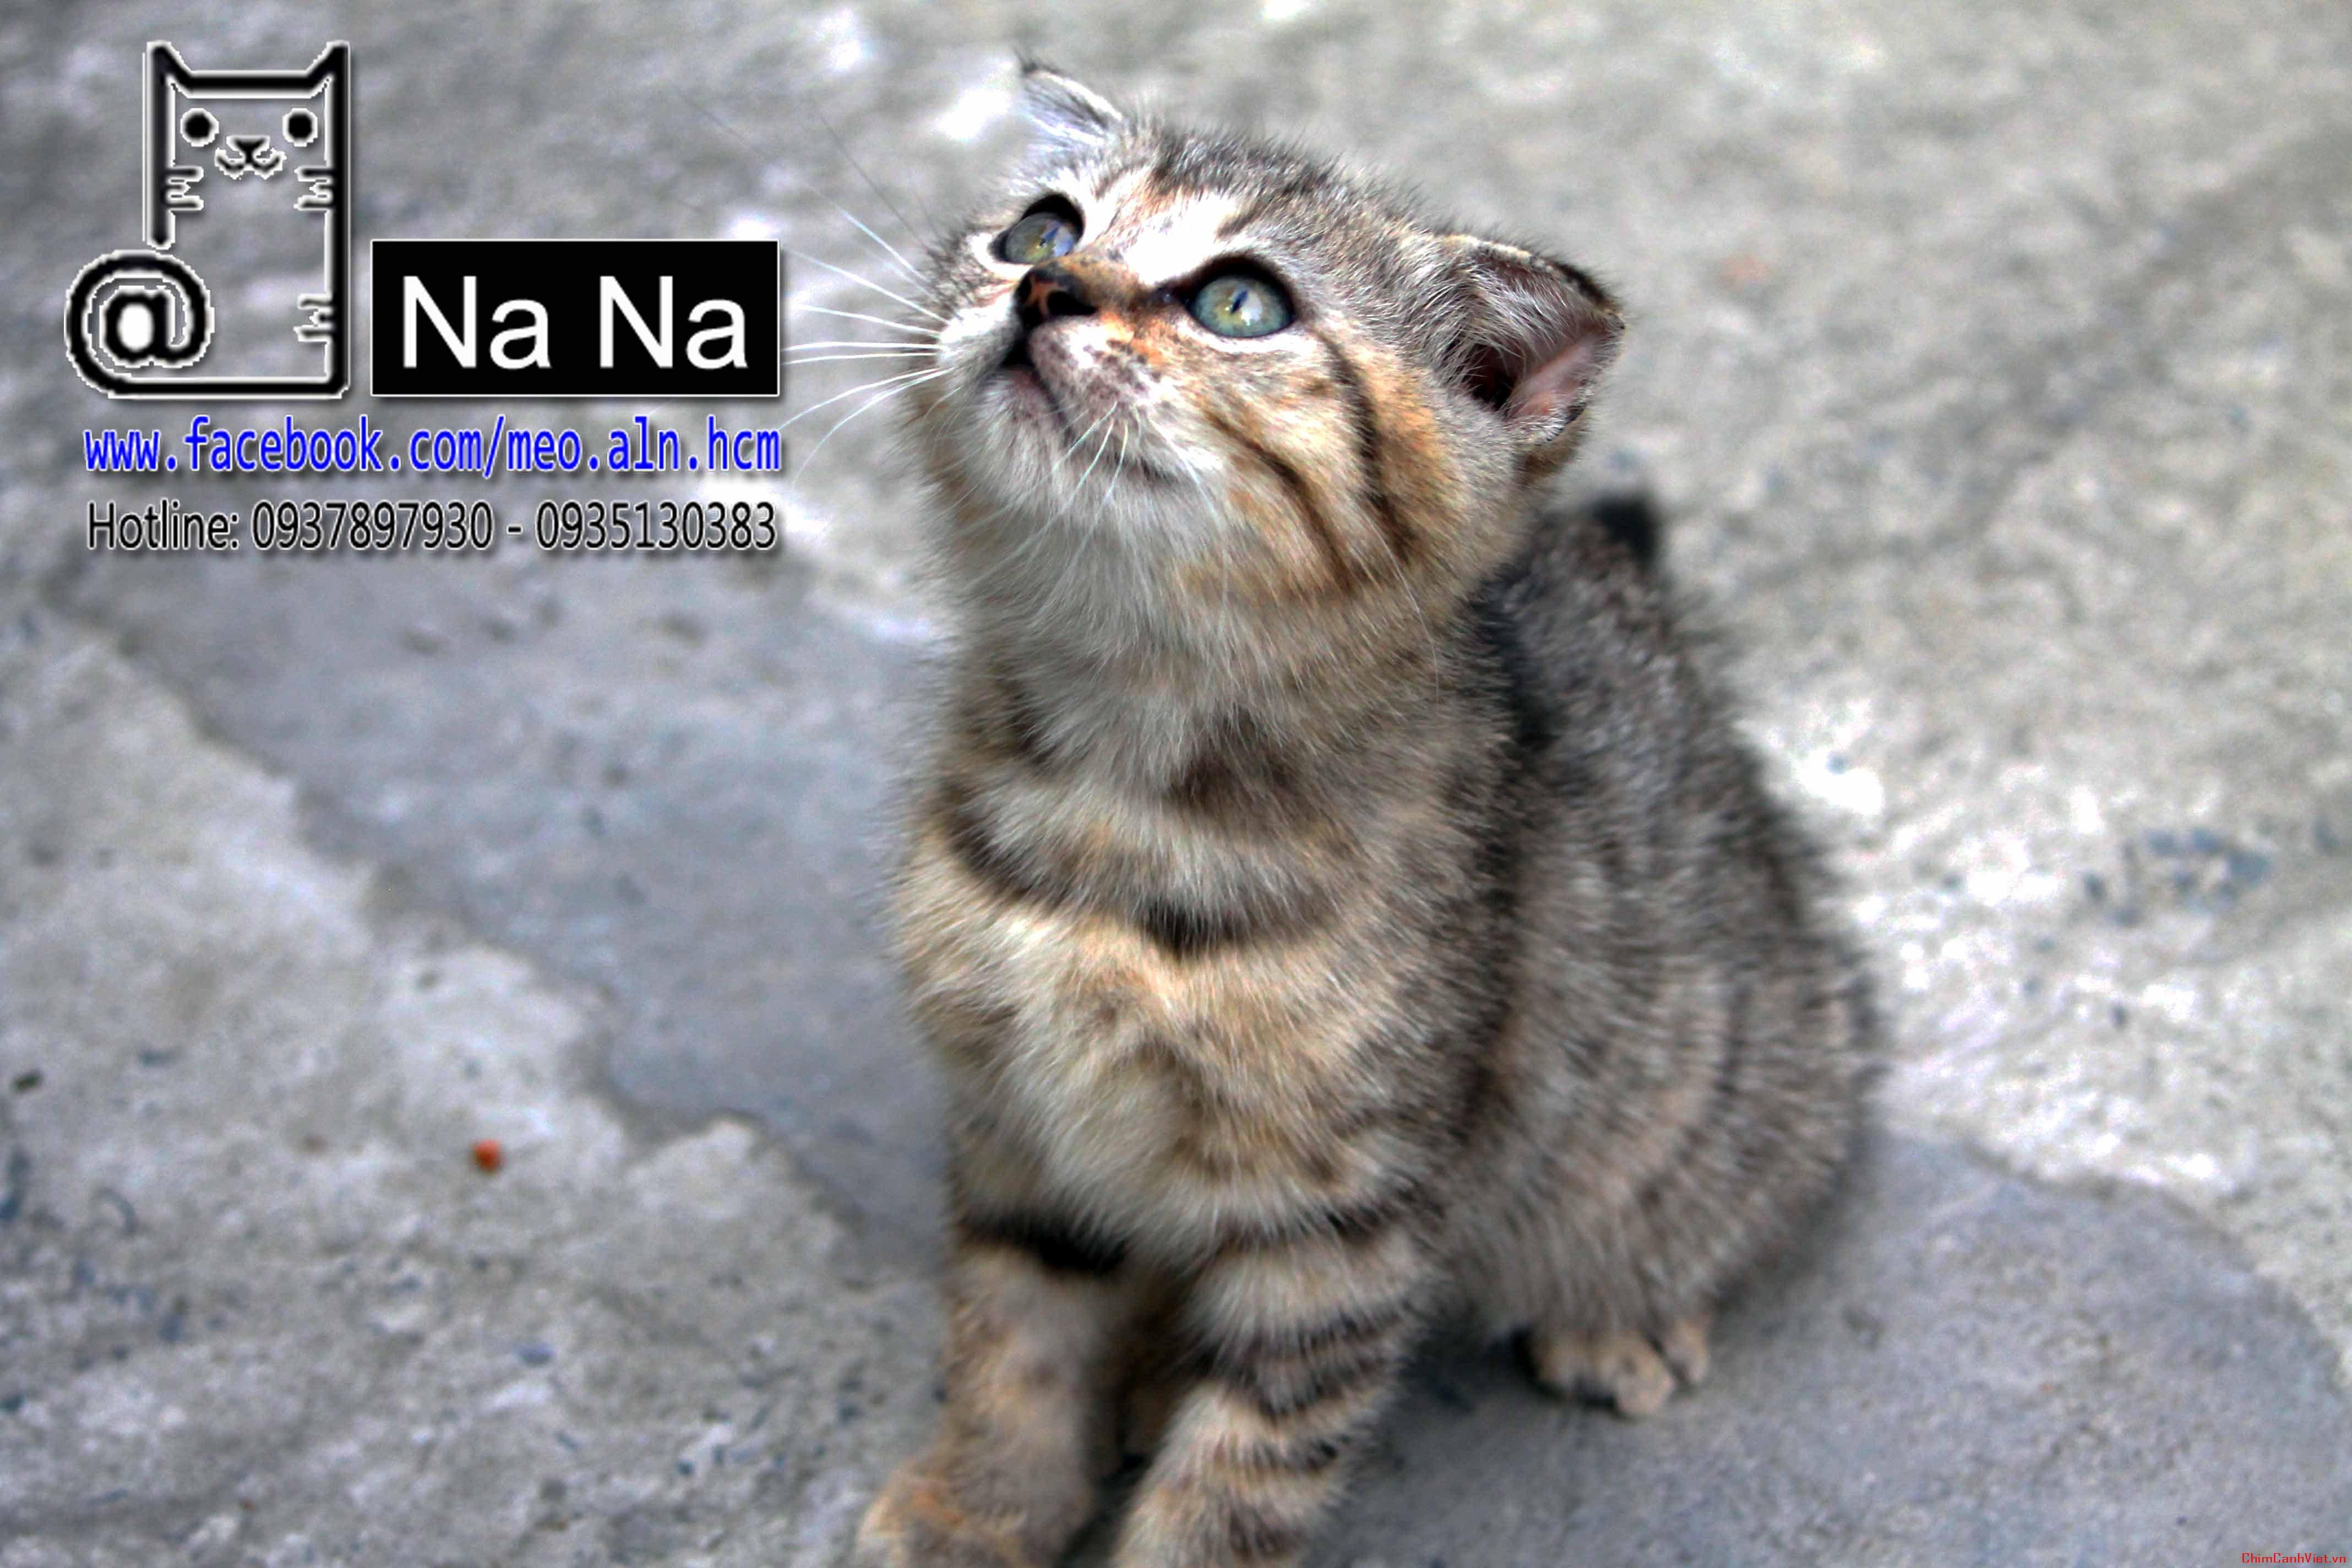 mèo aln, mèo anh lông ngắn, meo aln thuan chung, bán mèo aln tphcm, mèo aln thuần chủng (3).JPG